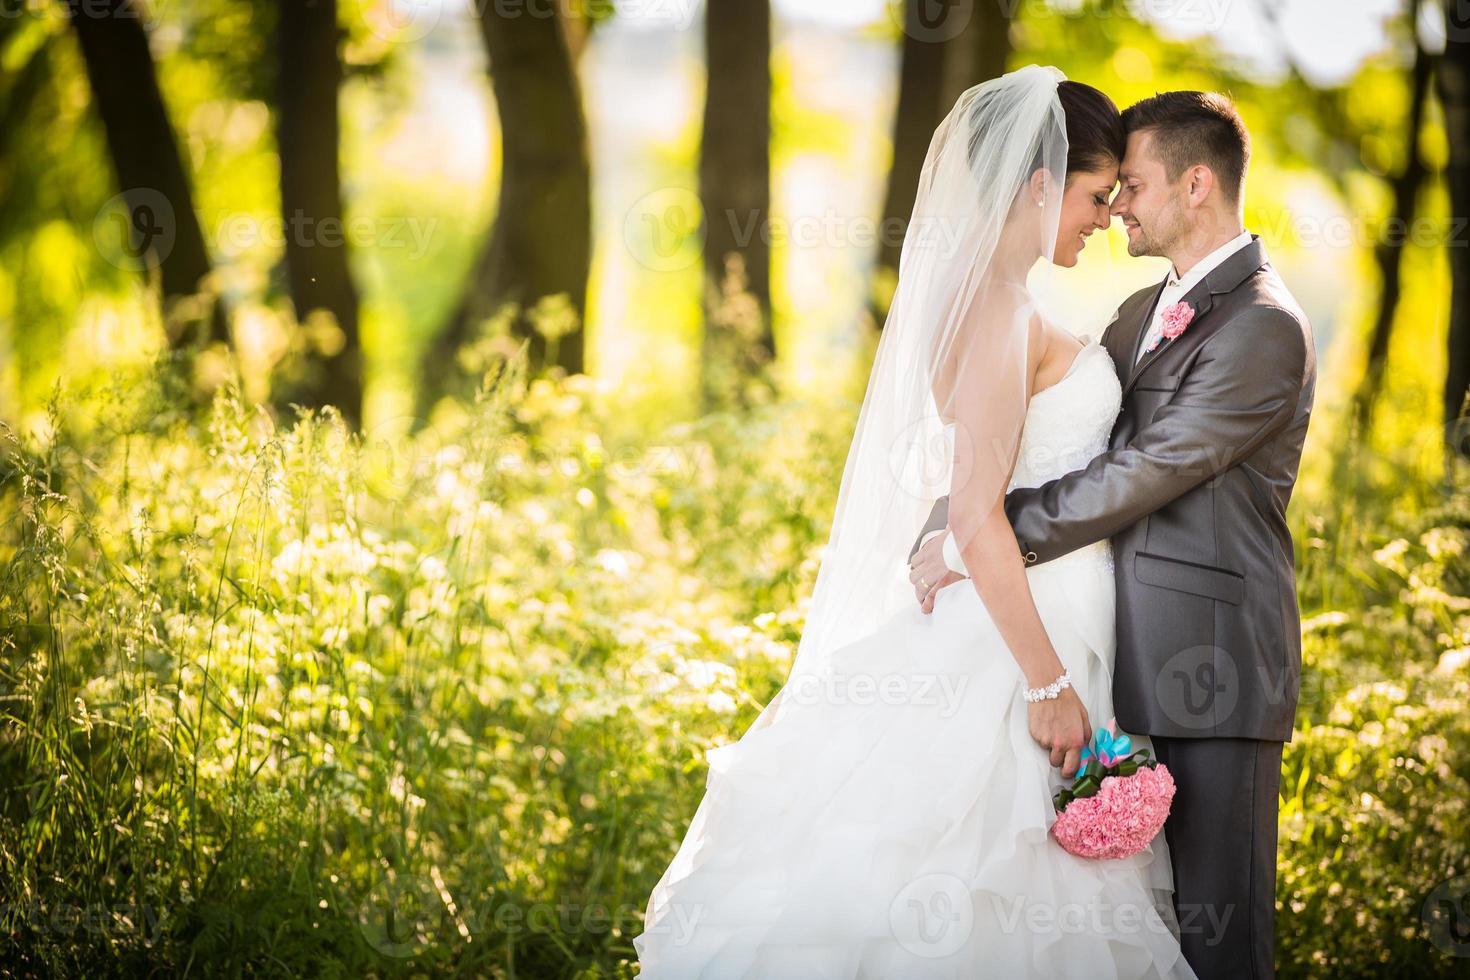 portret van een jong bruidspaar foto